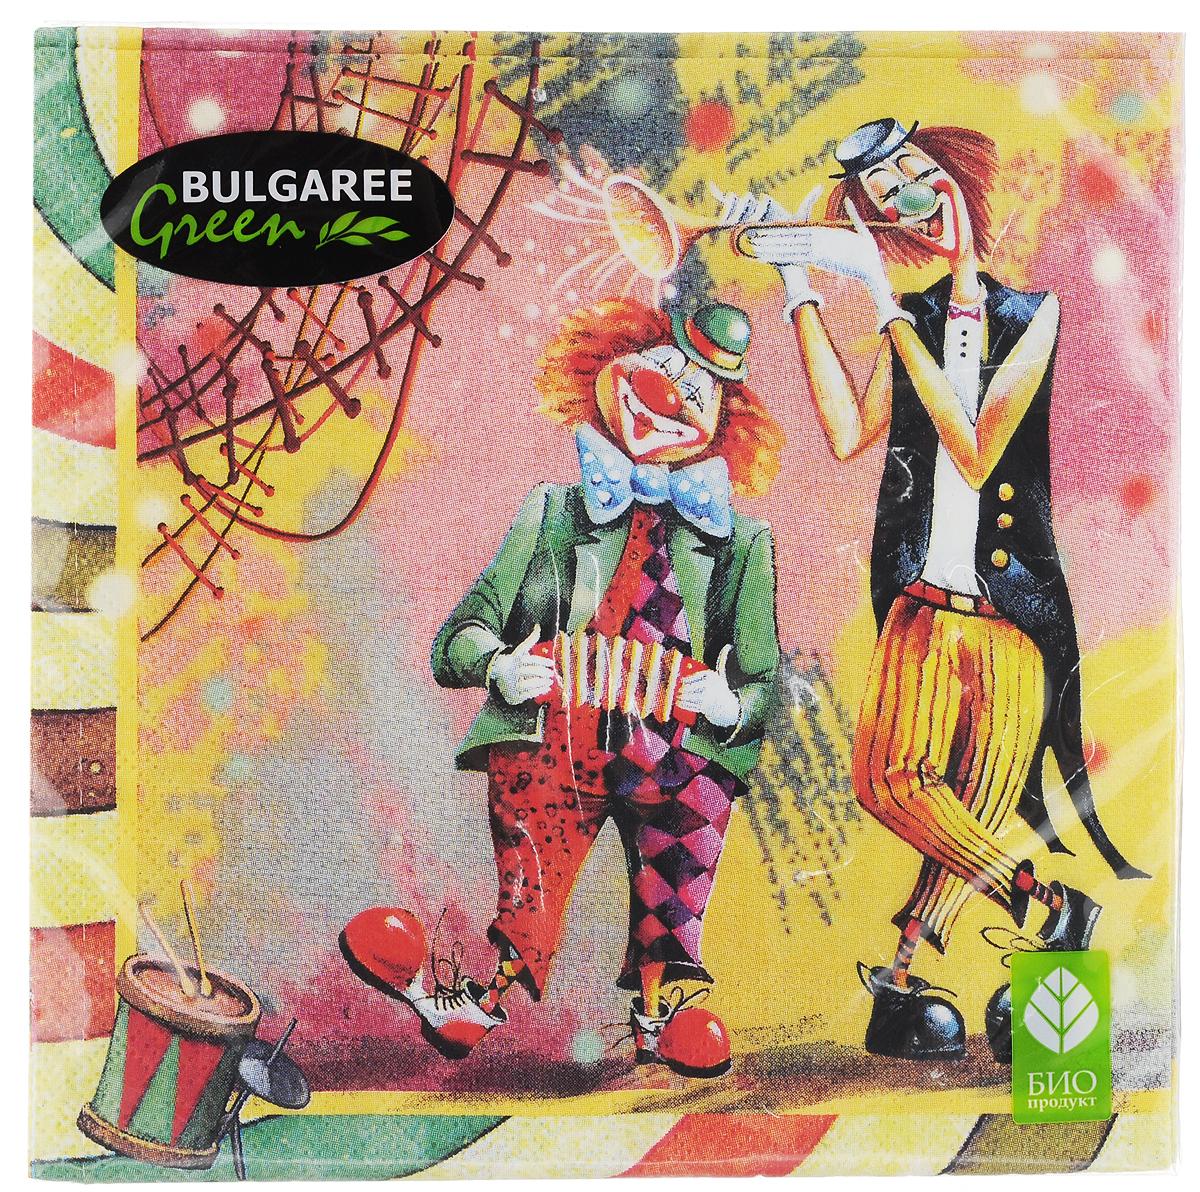 Салфетки бумажные Bulgaree Green Клоун, трехслойные, 33 х 33 см, 20 шт1001835Декоративные трехслойные салфетки Bulgaree Green Клоун выполнены из 100%целлюлозы европейского качества и оформлены ярким рисунком. Изделия станут отличным дополнением любого праздничного стола. Они отличаются необычной мягкостью, прочностью и оригинальностью.Размер салфеток в развернутом виде: 33 х 33 см.